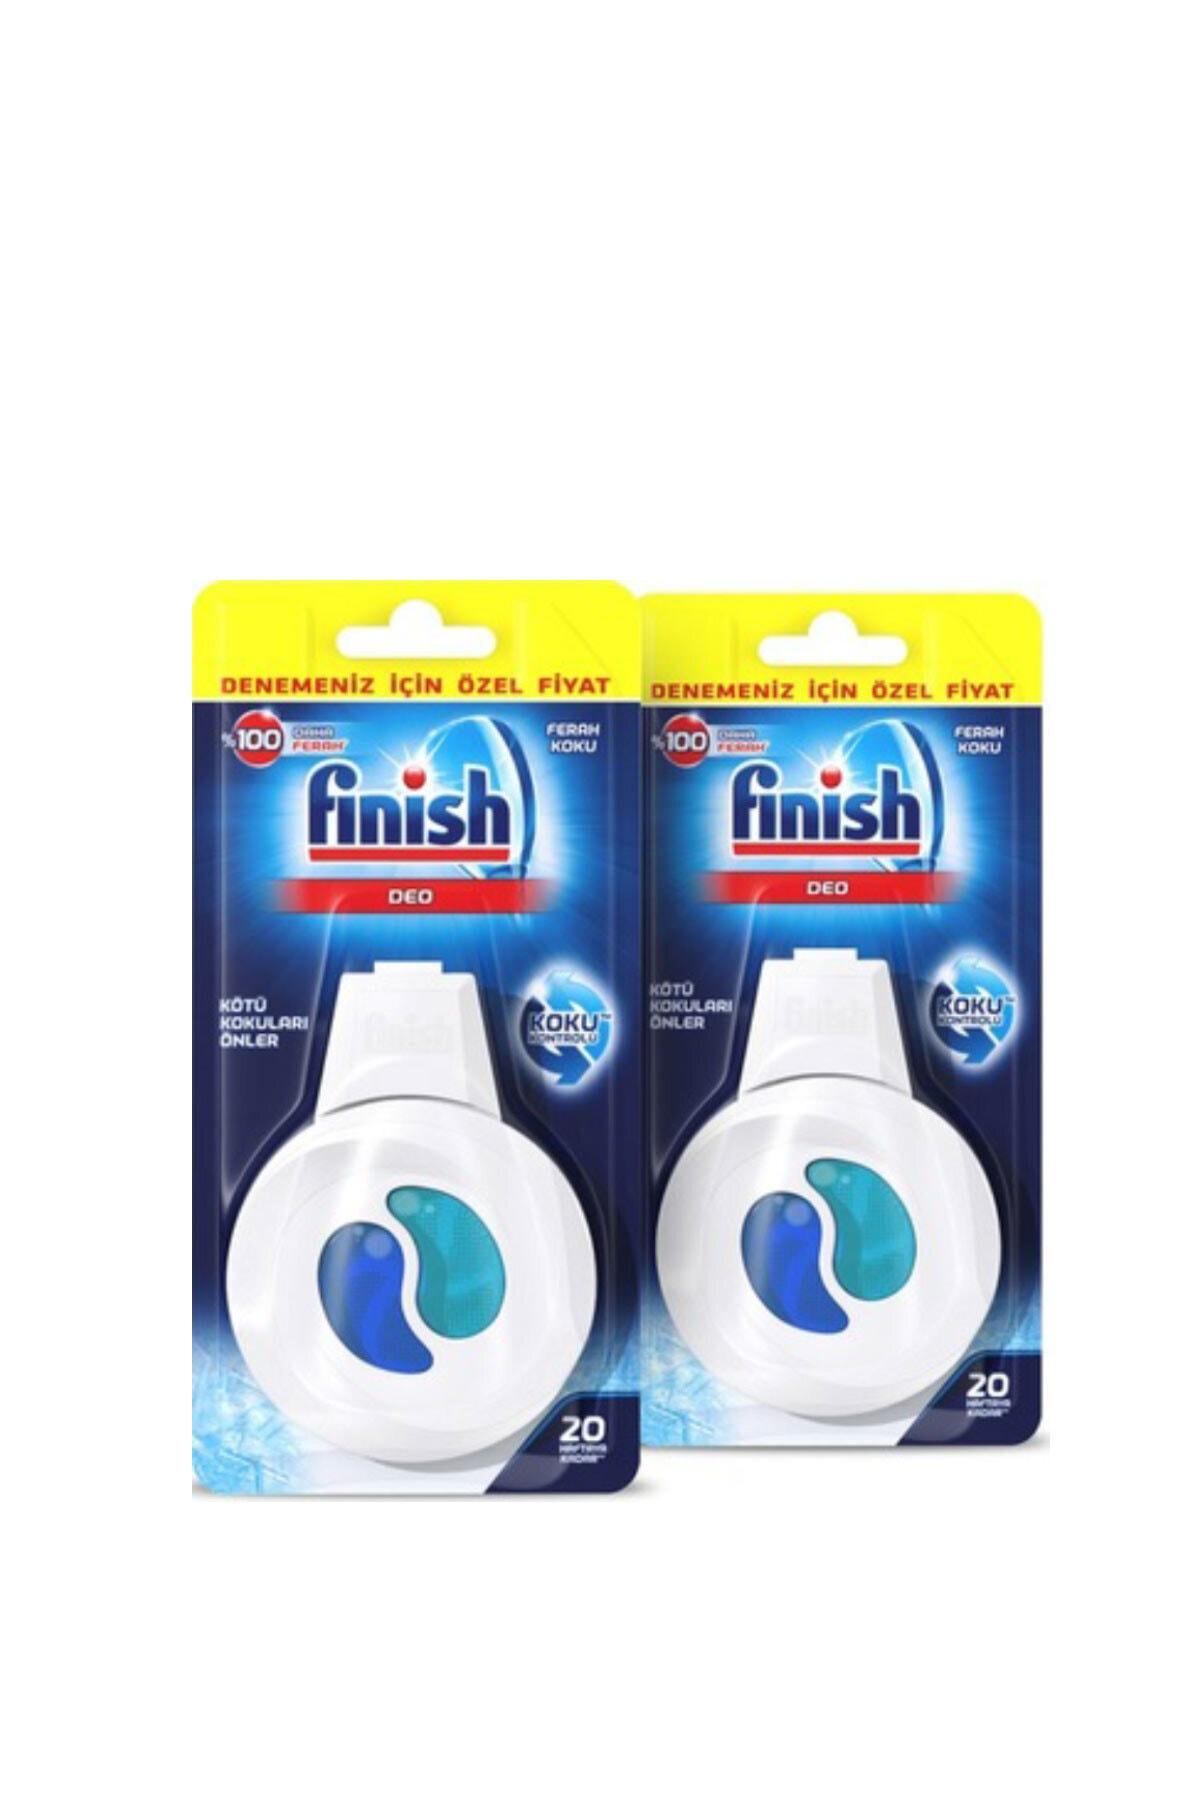 Finish Deo Ferah Bulaşık Makinesi Kokusu  4 ml 2 Adet 1